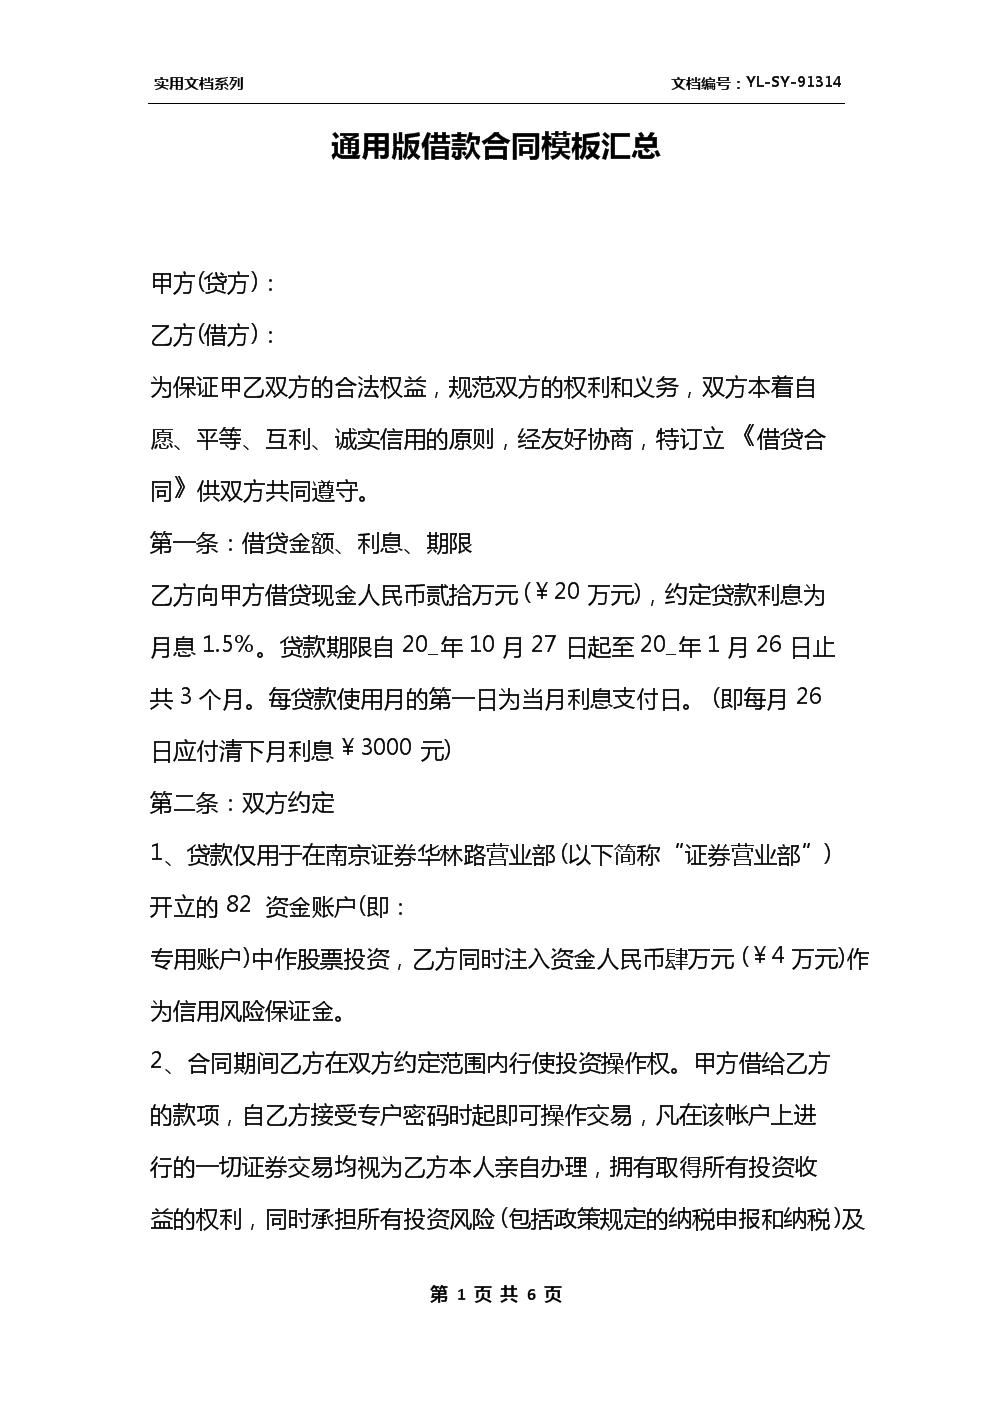 通用版借款合同模板汇总.docx